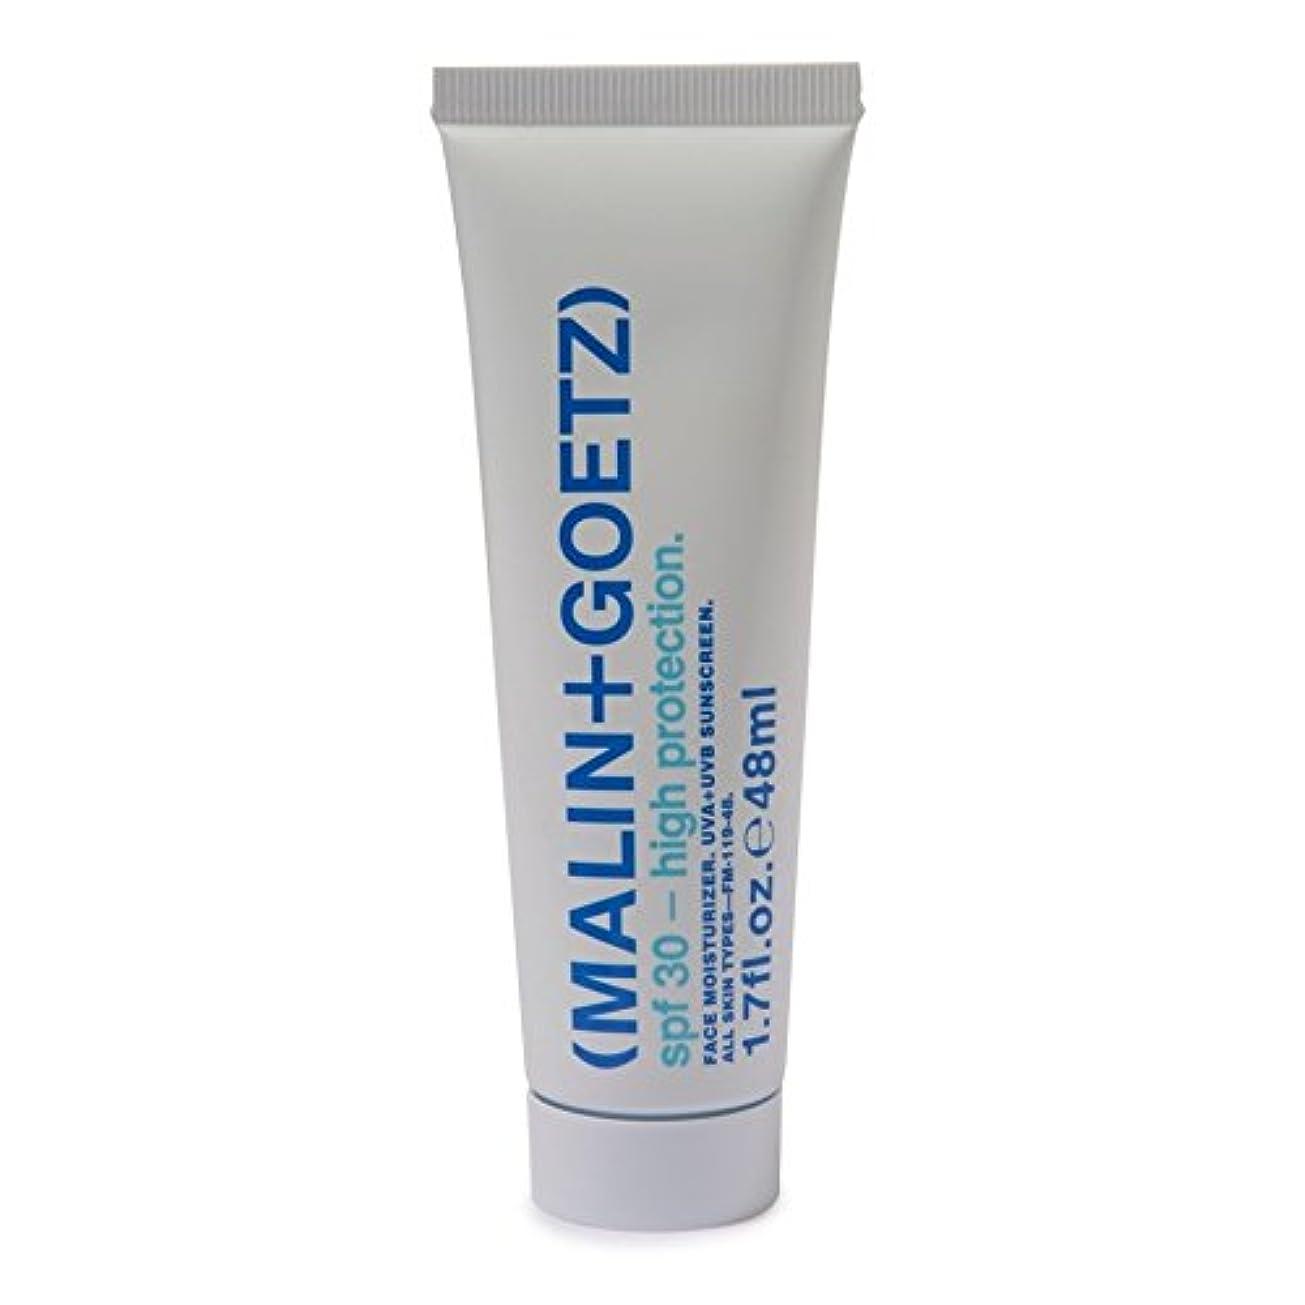 賛美歌読書ただやるMALIN+GOETZ Face Moisturiser SPF 30 48ml (Pack of 6) - マリン+ゲッツ顔の保湿剤の 30 48ミリリットル x6 [並行輸入品]